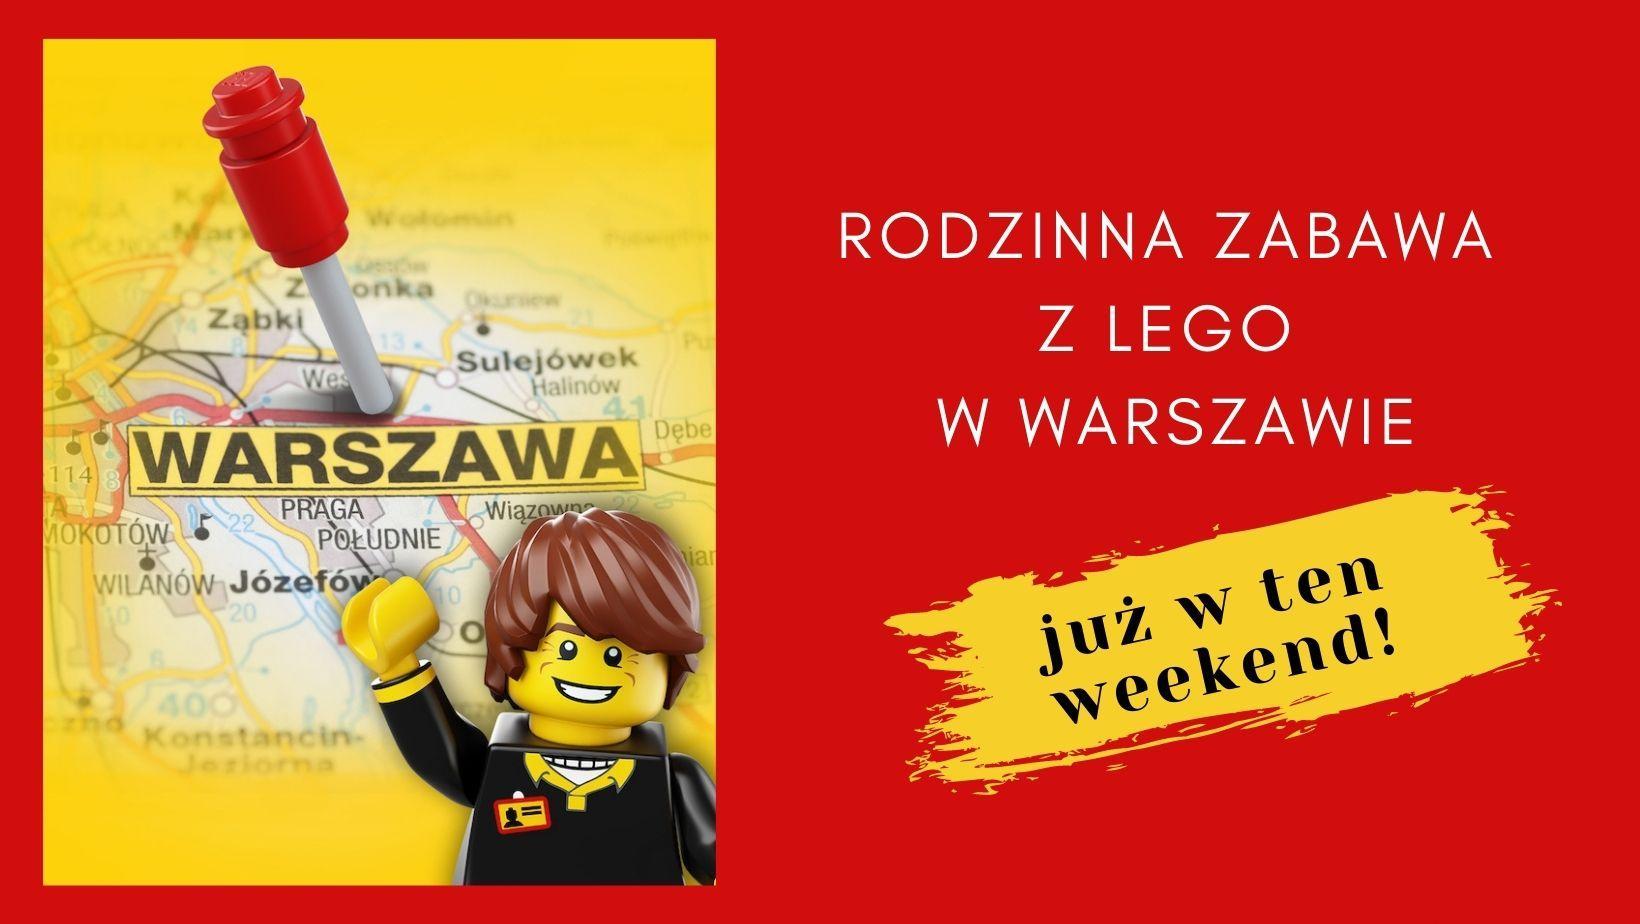 Z okazji Dnia Dziecka – rodzinna zabawa z LEGO i niezwykła wystawa w Warszawie!